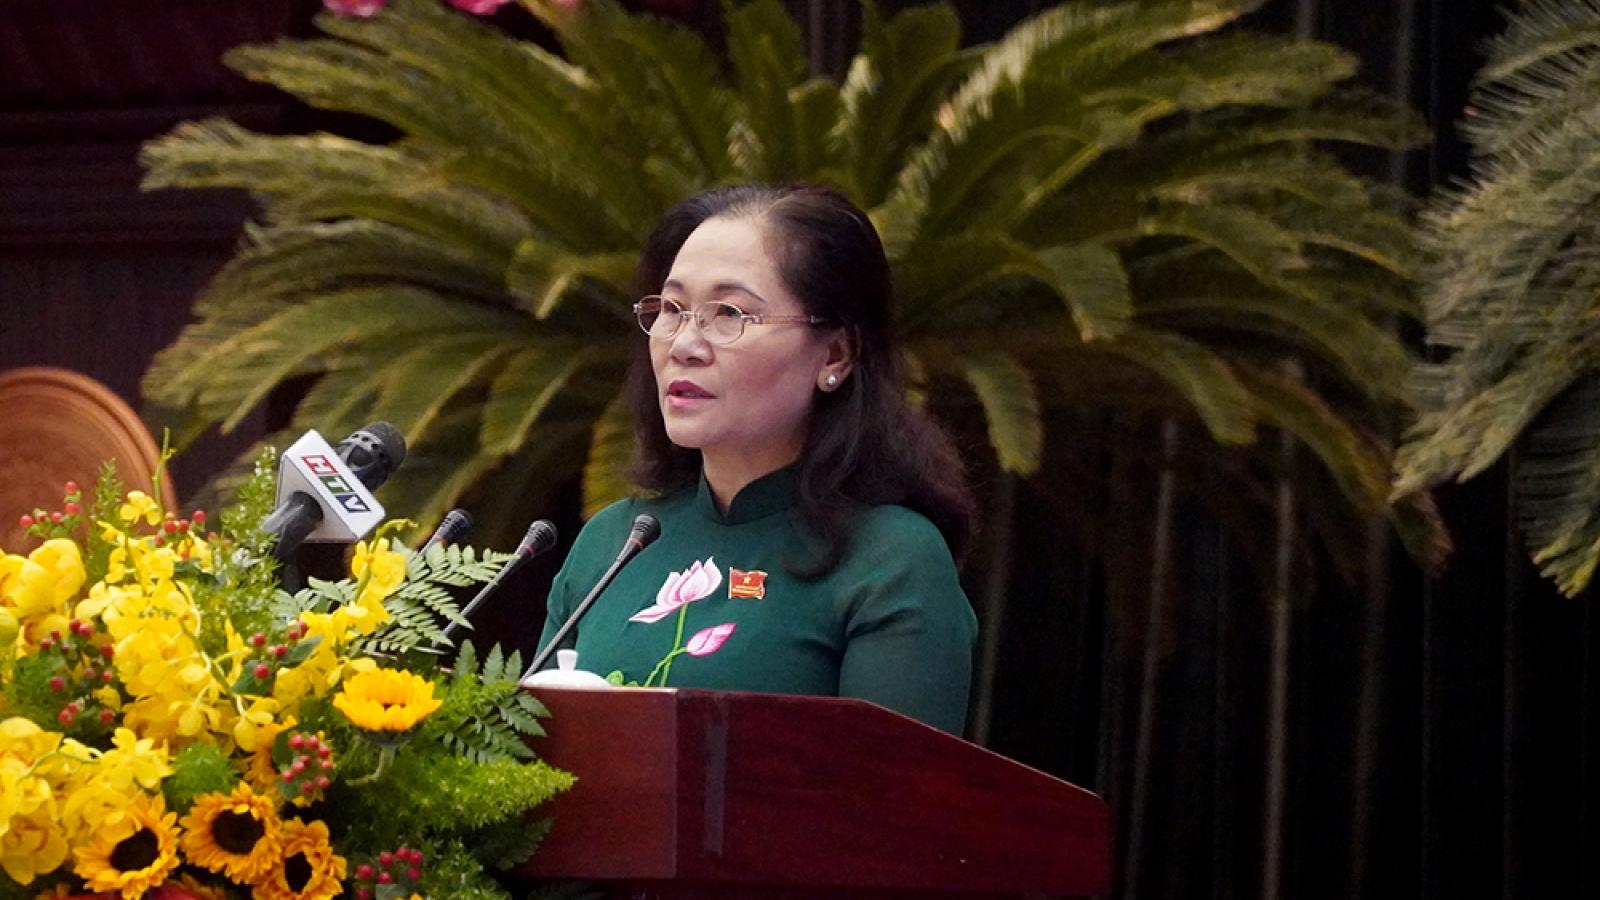 Ngày 24/6, HĐND TP.HCM bầu Chủ tịch HĐND,giới thiệu nhân sự bầu Chủ tịch UBND